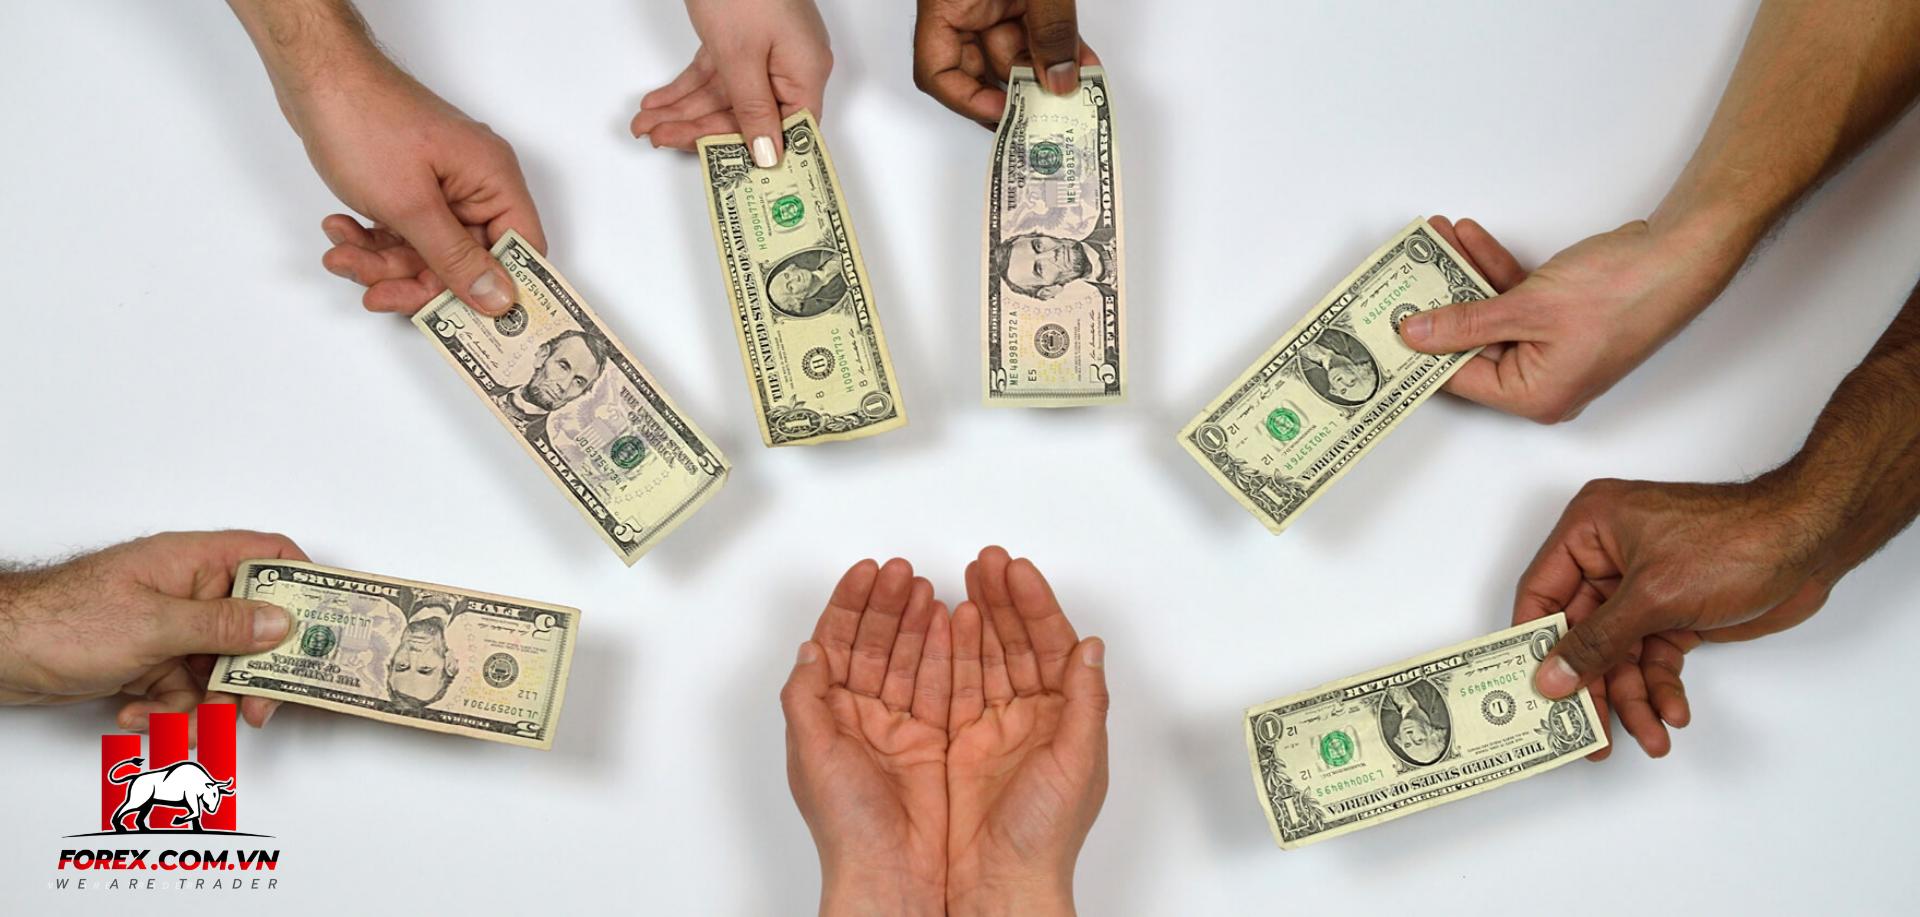 quỹ đầu tư forex